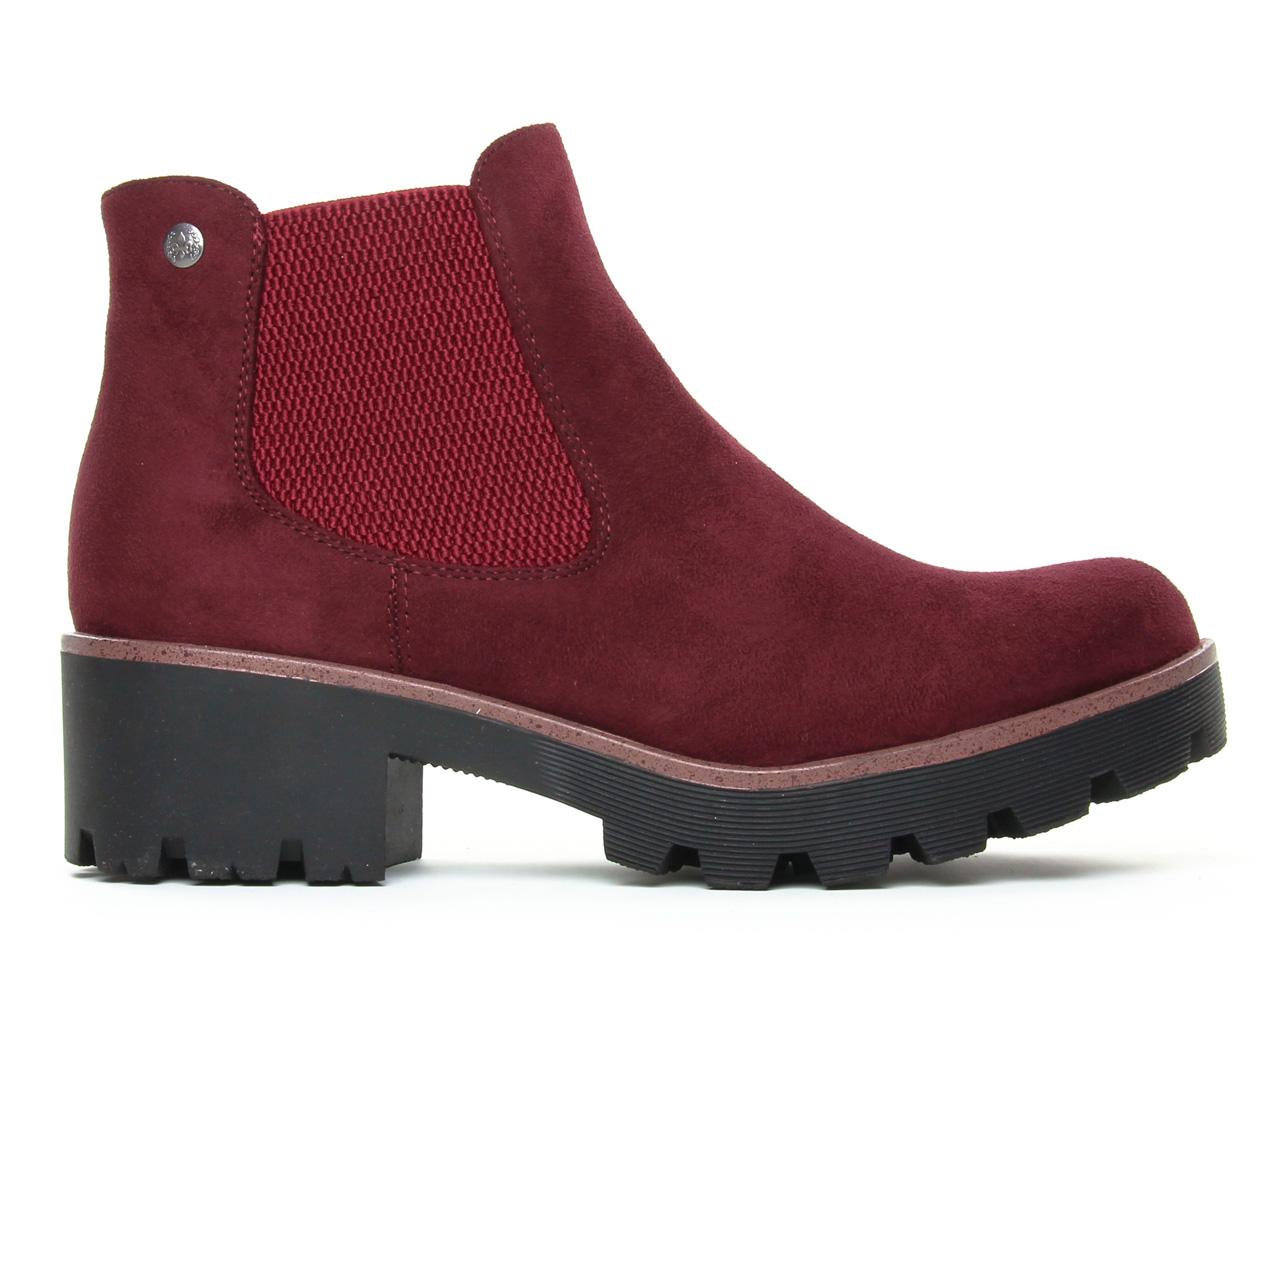 Rieker 99284 35 Vino   boot élastiquées bordeaux automne